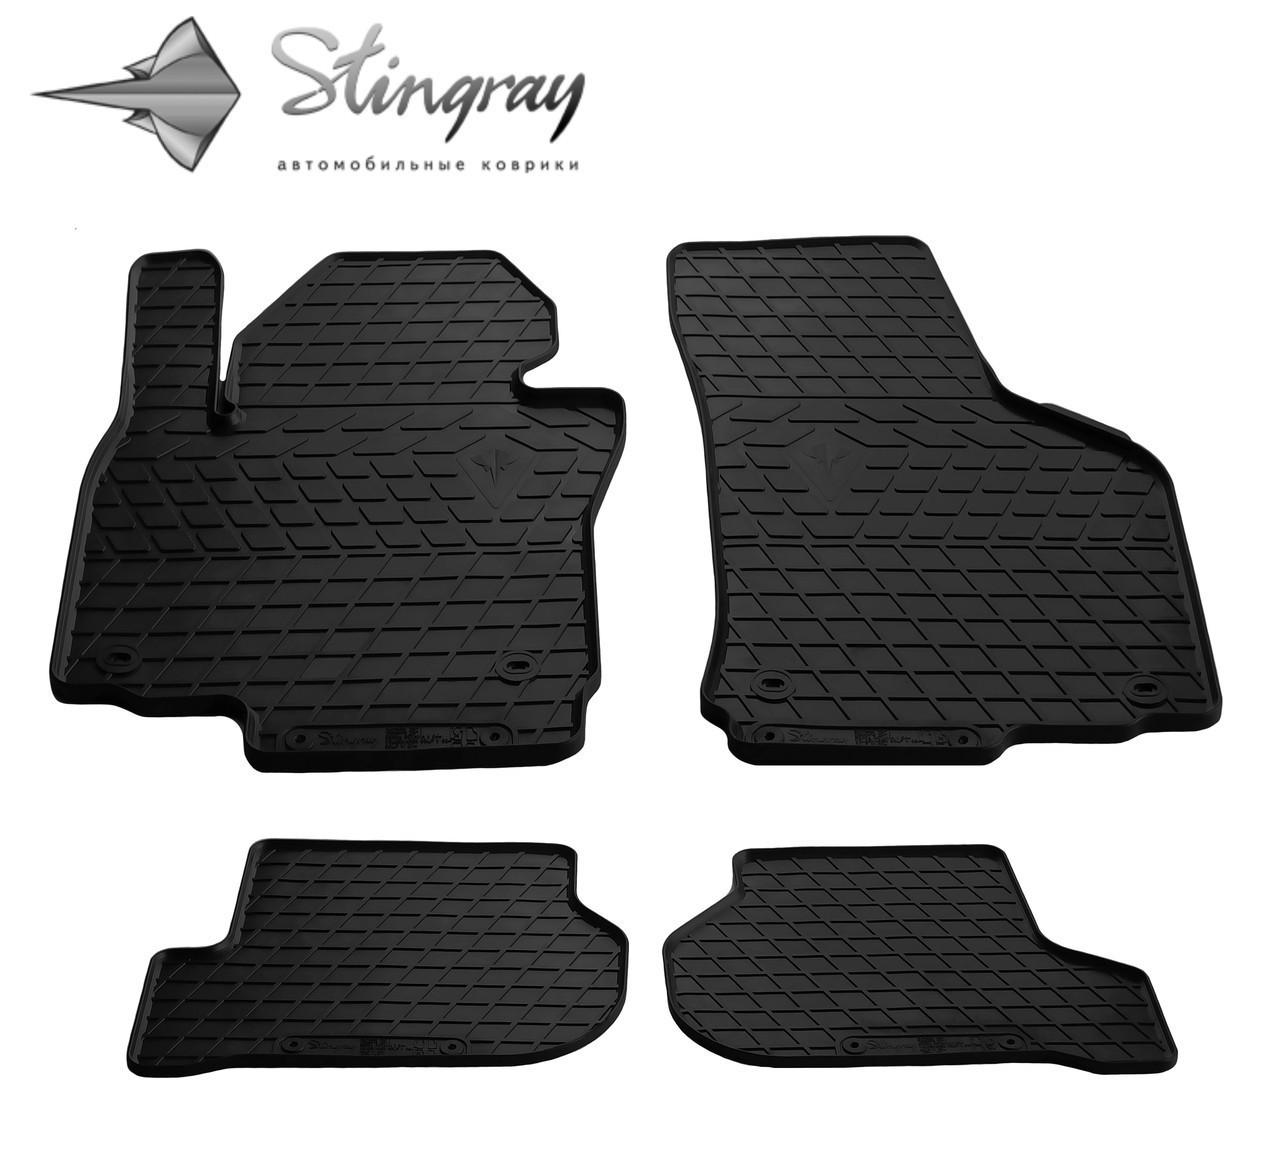 Коврики автомобильные для Volkswagen Jetta 2005- Stingray